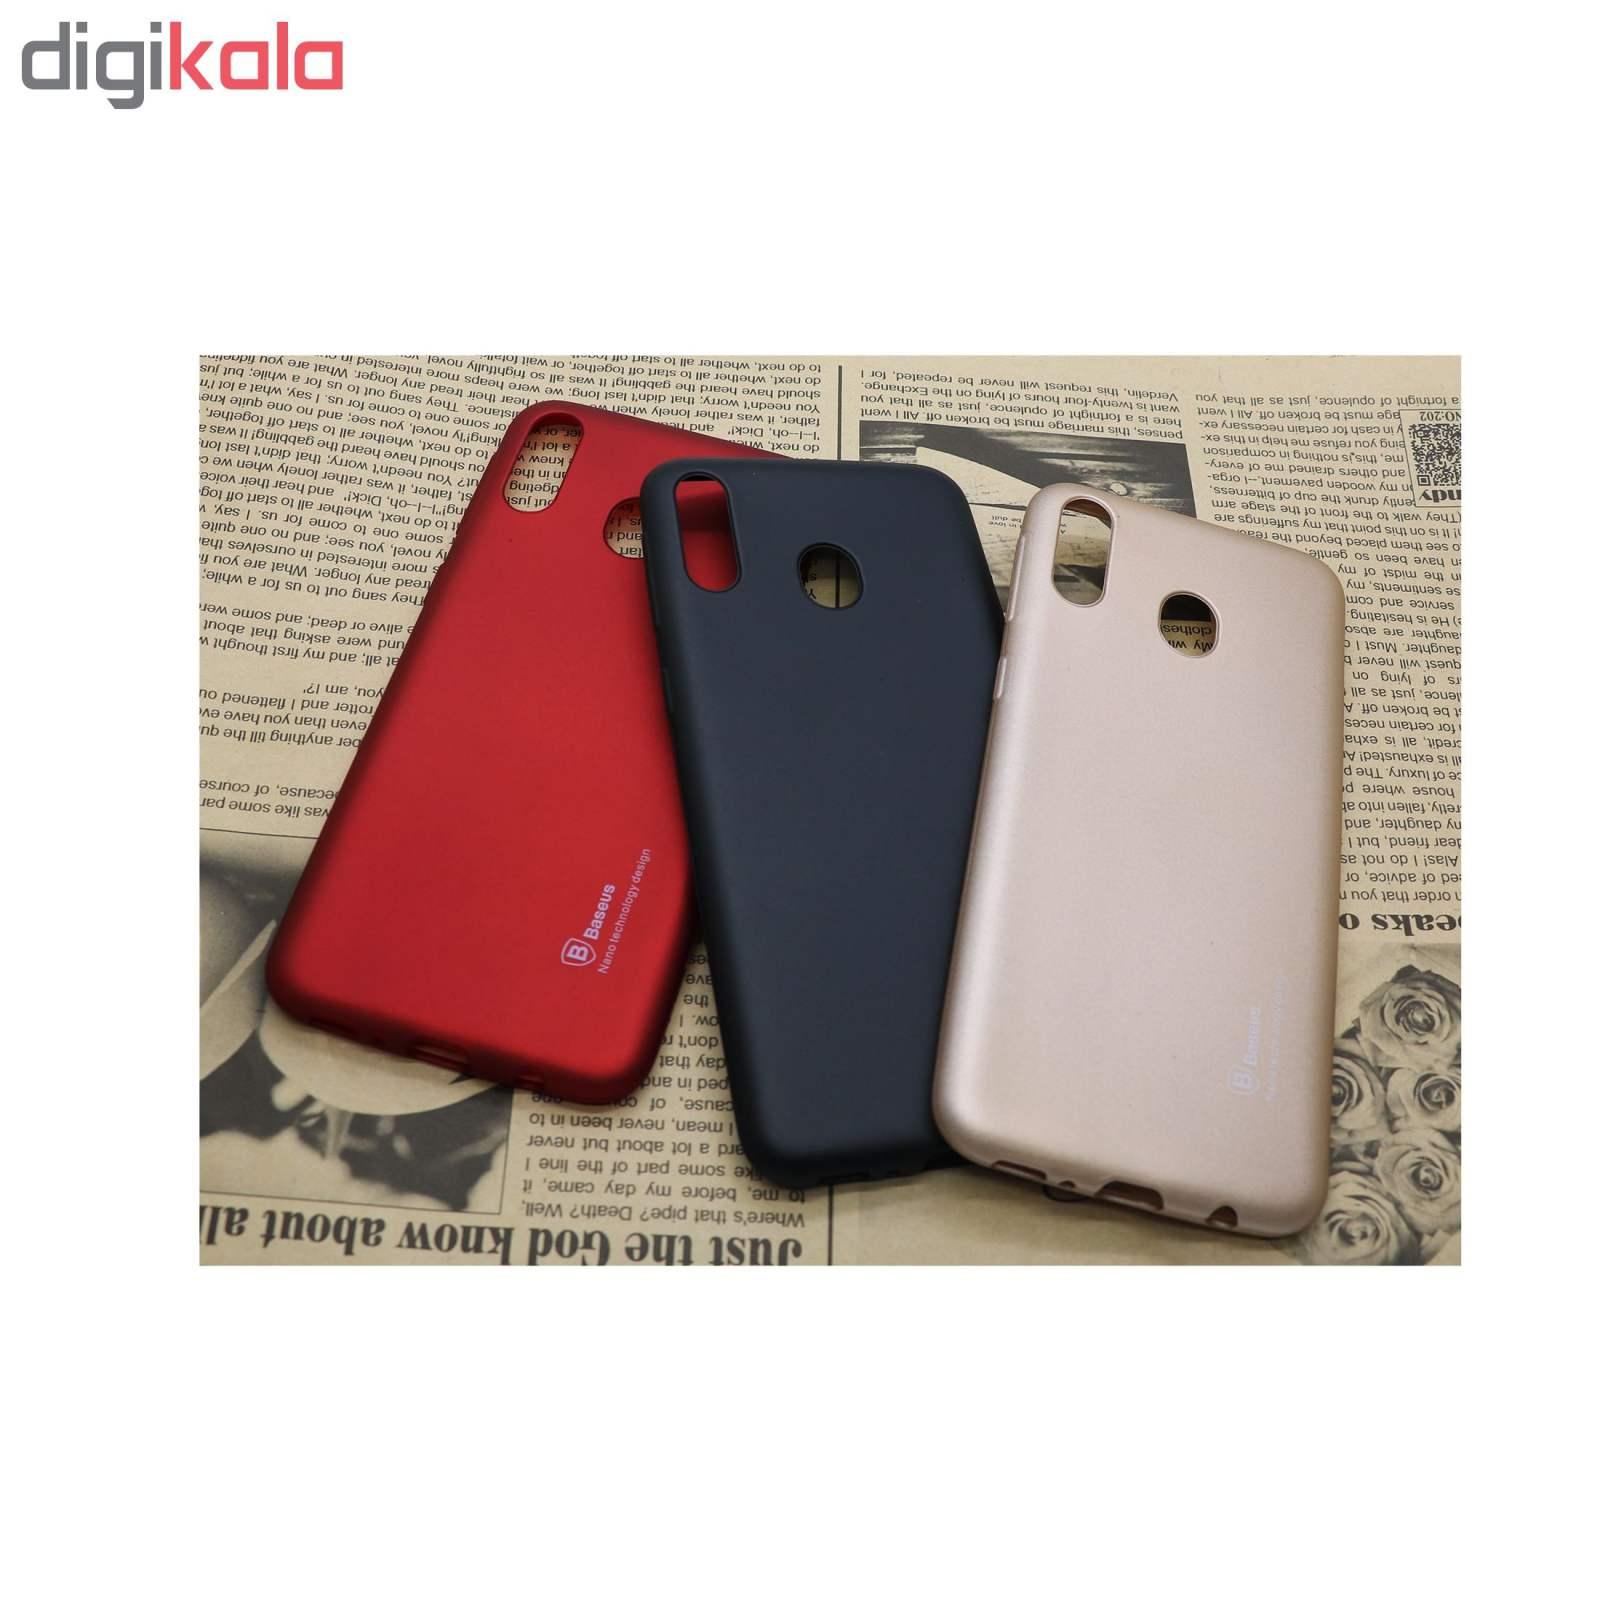 کاور مدل SJ-001 مناسب برای گوشی موبایل سامسونگ Galaxy M20 main 1 2